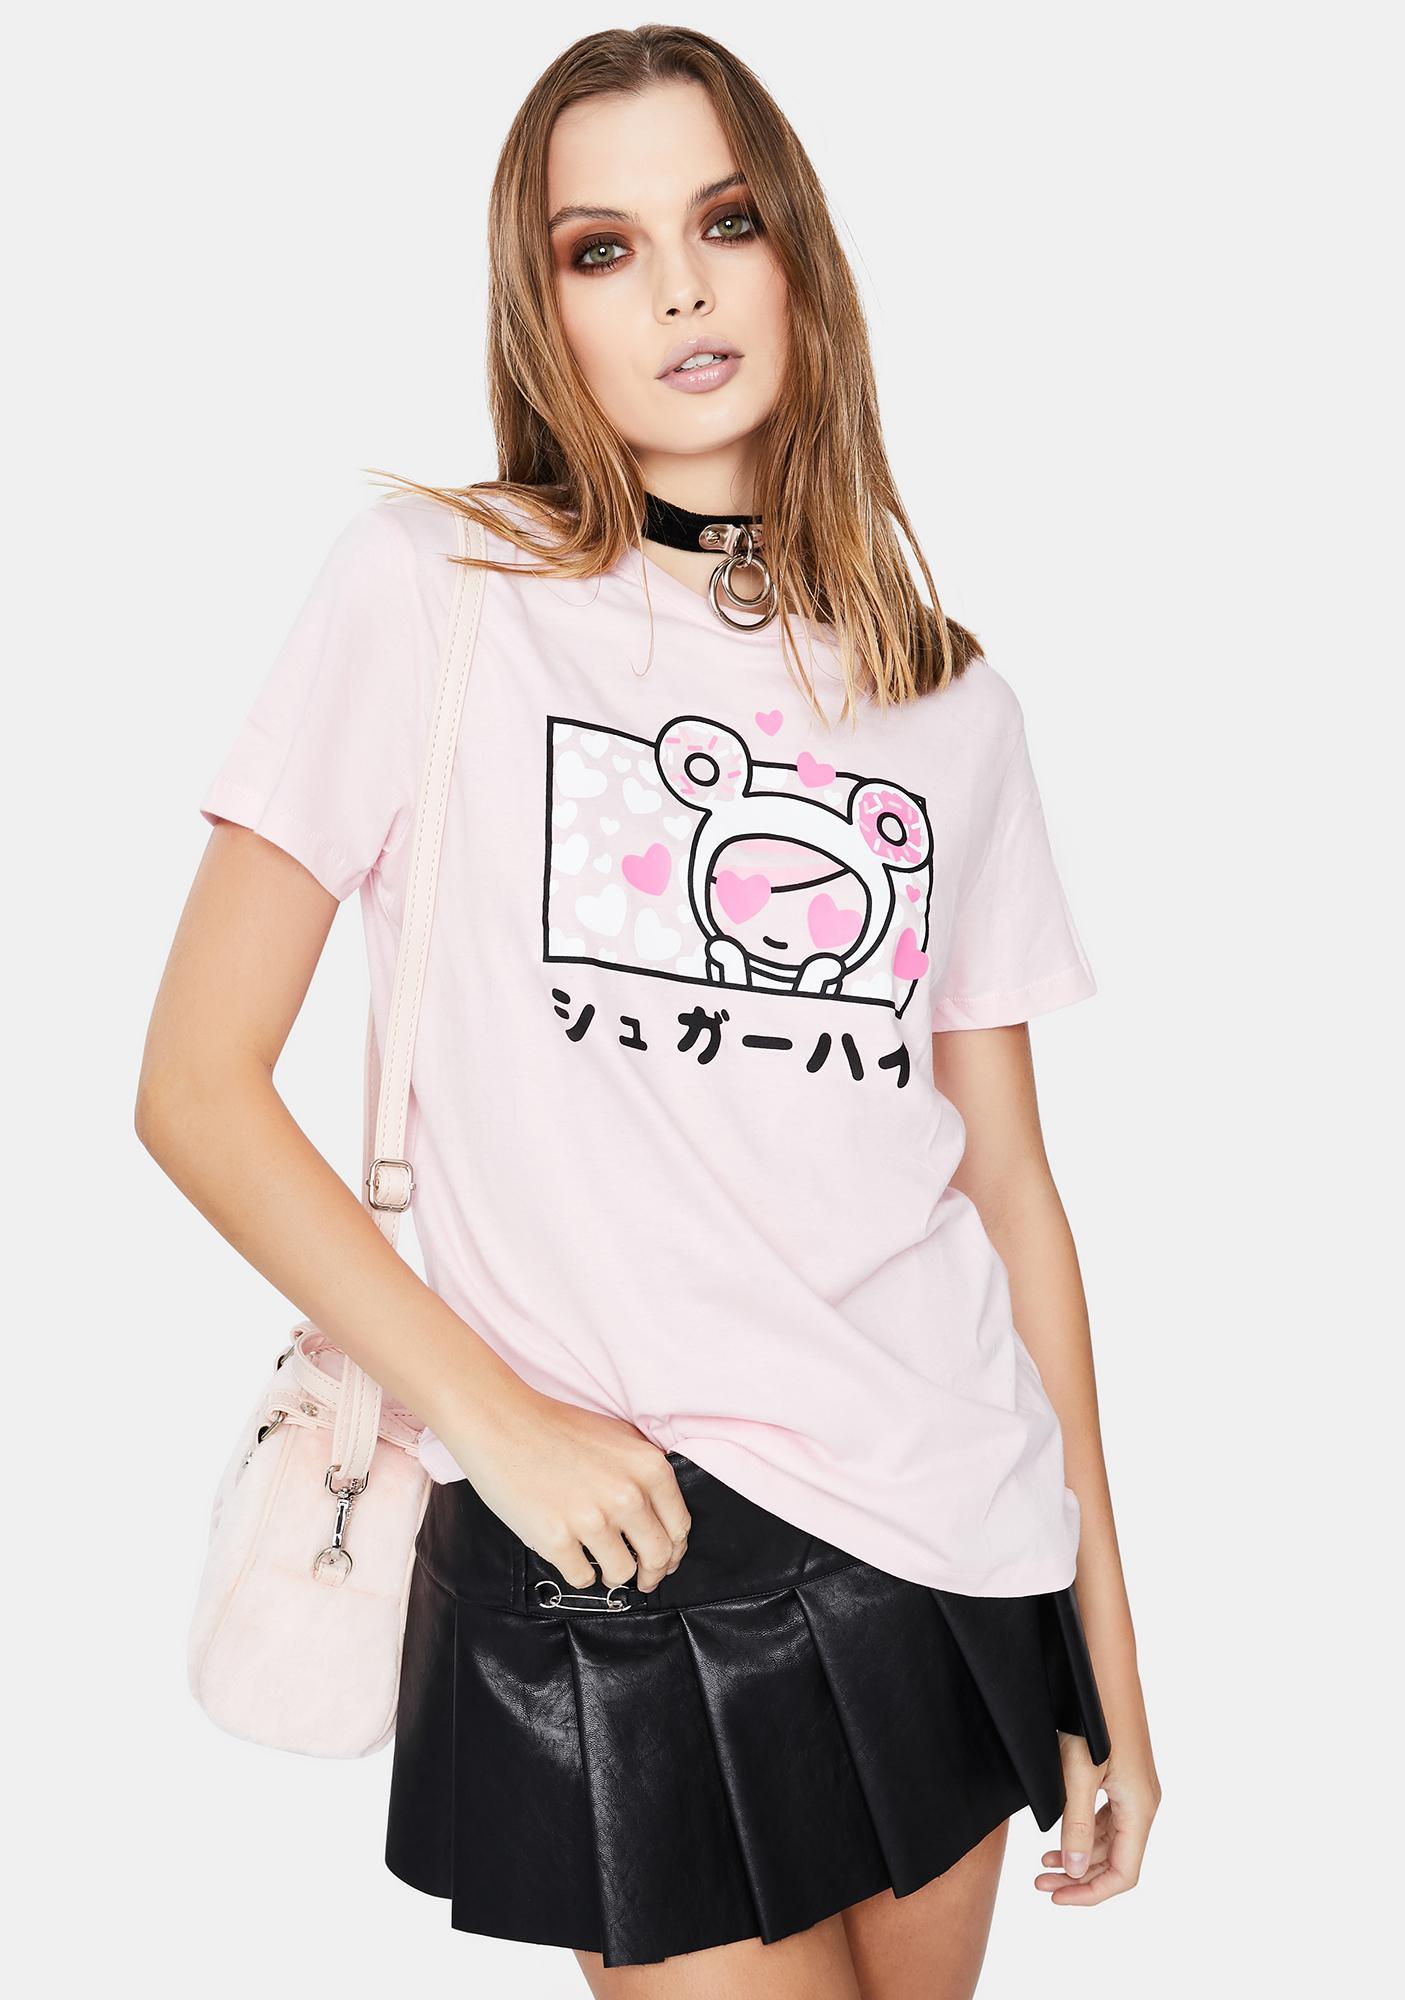 Tokidoki Sugar Love Short Sleeve Graphic Tee